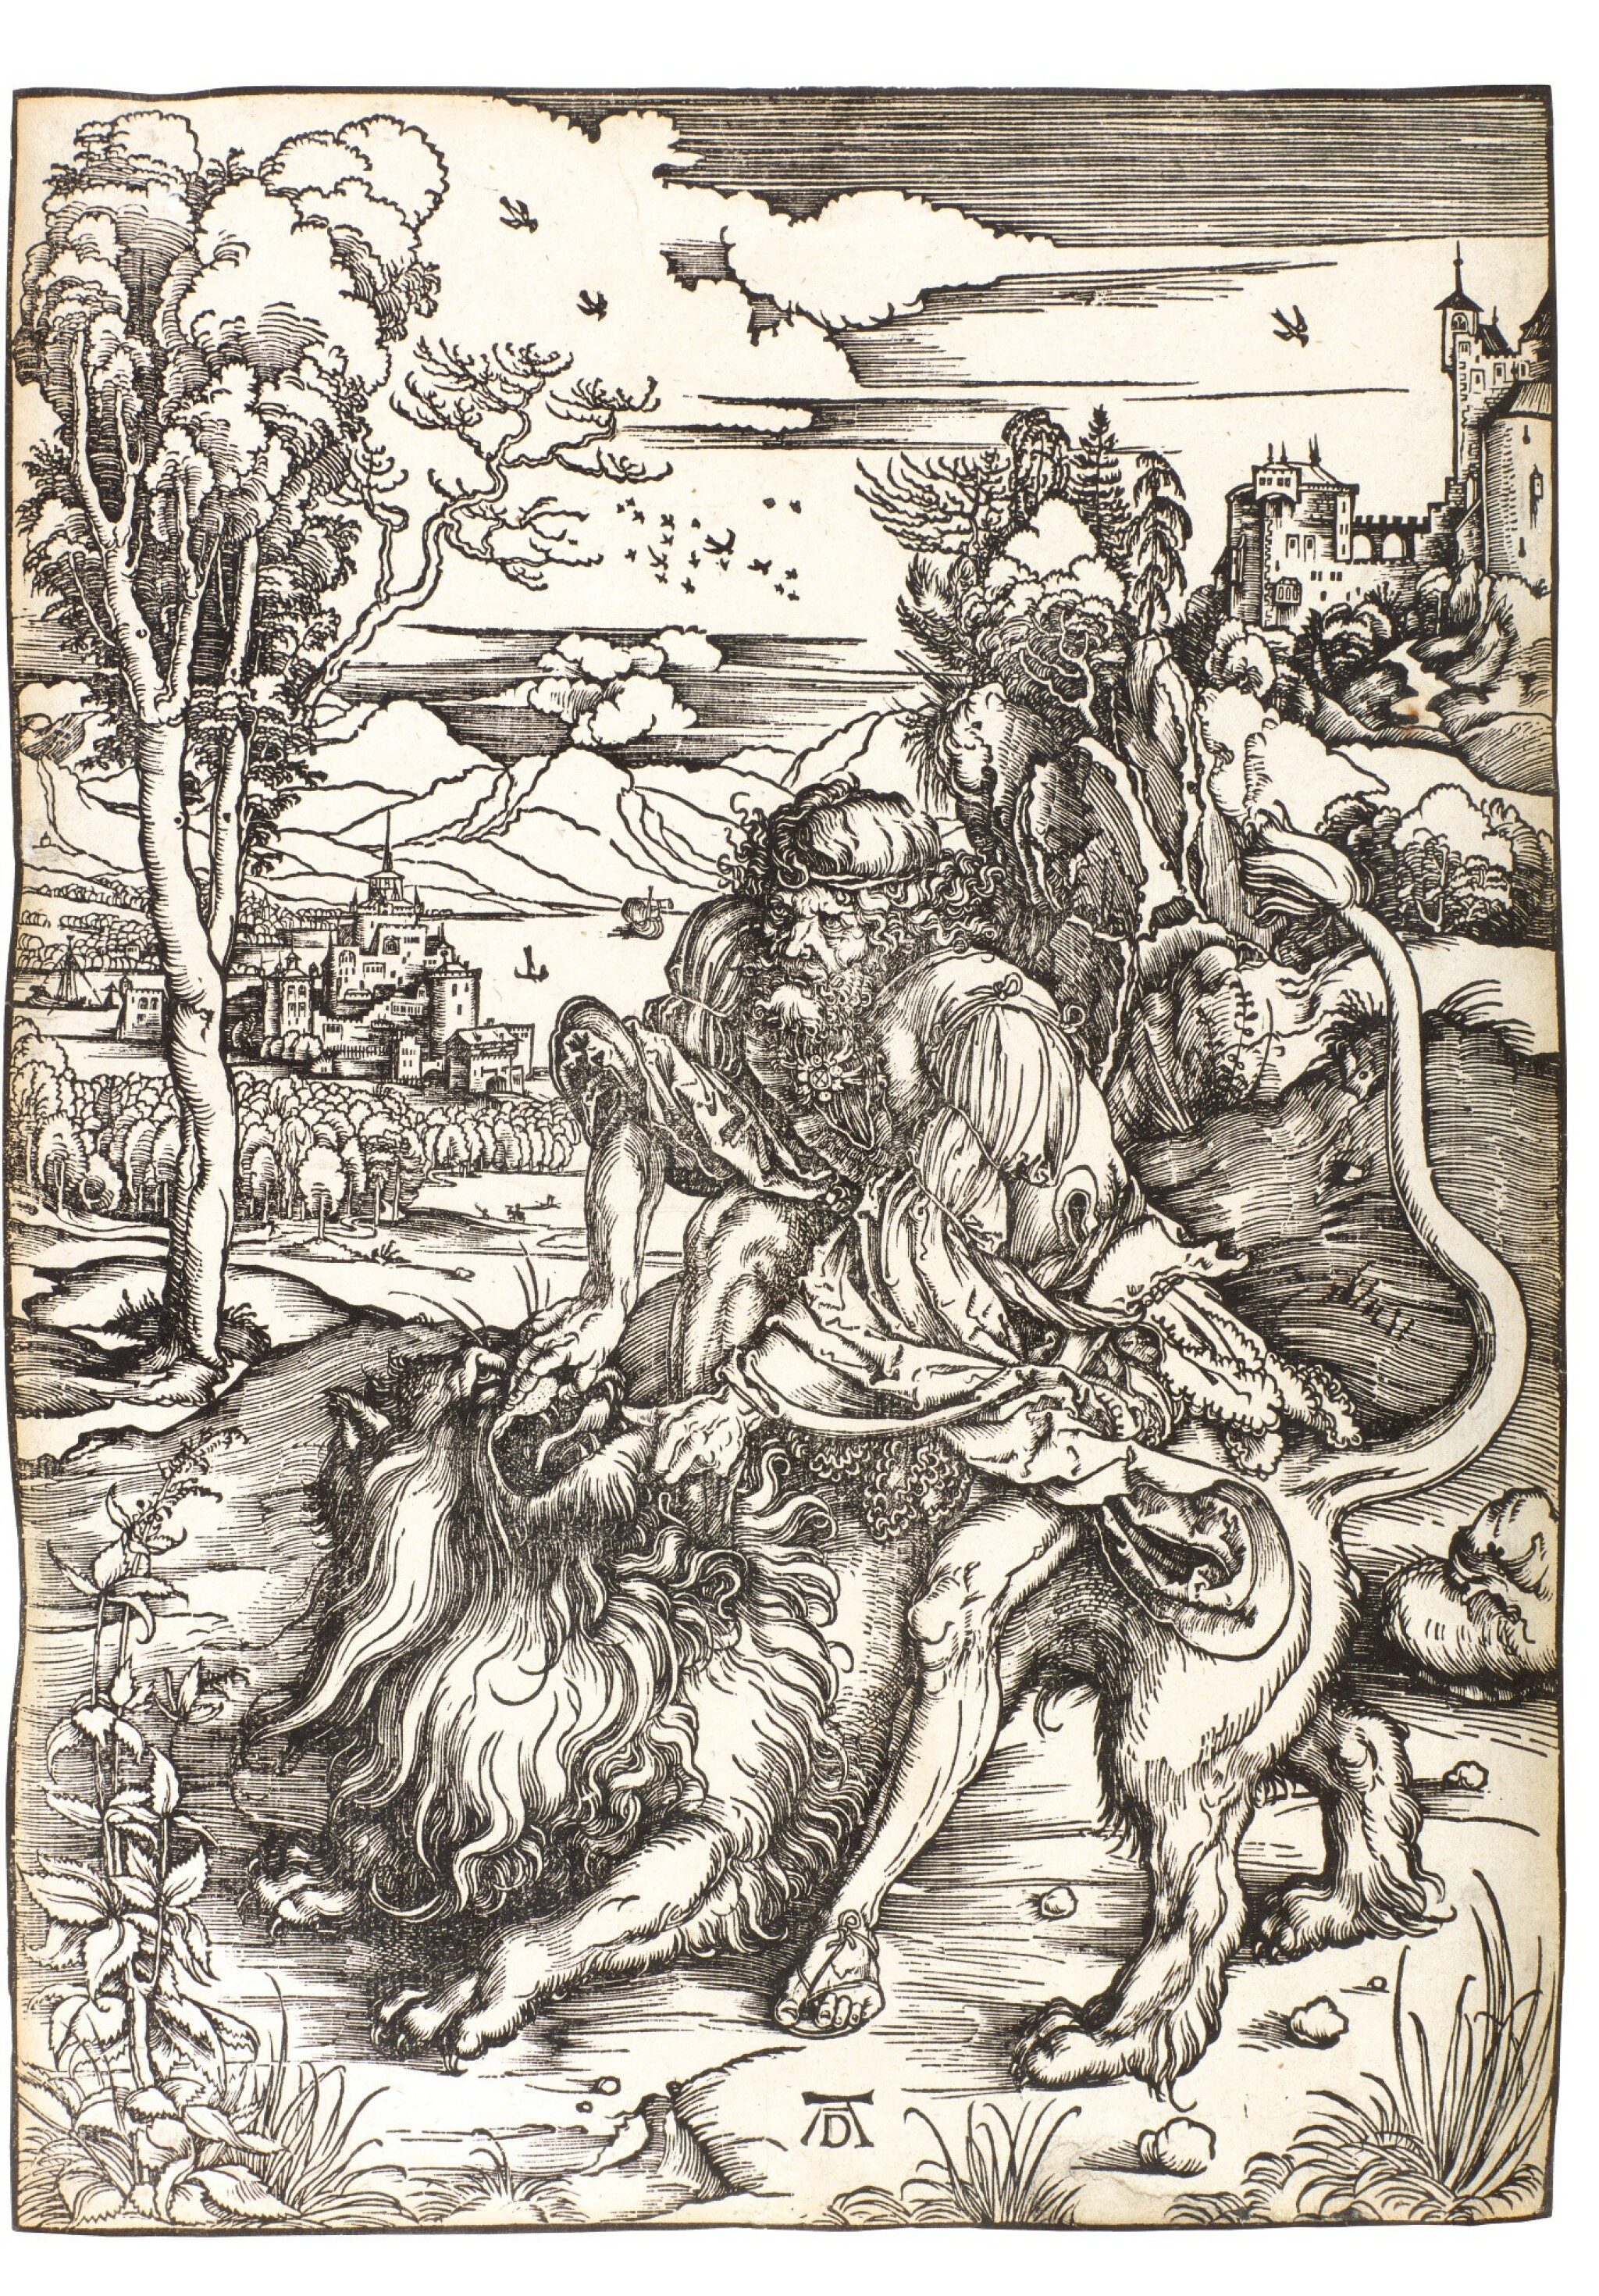 ALBRECHT DÜRER | SAMSON FIGHTING WITH THE LION (B. 2; M., HOLL. 107)